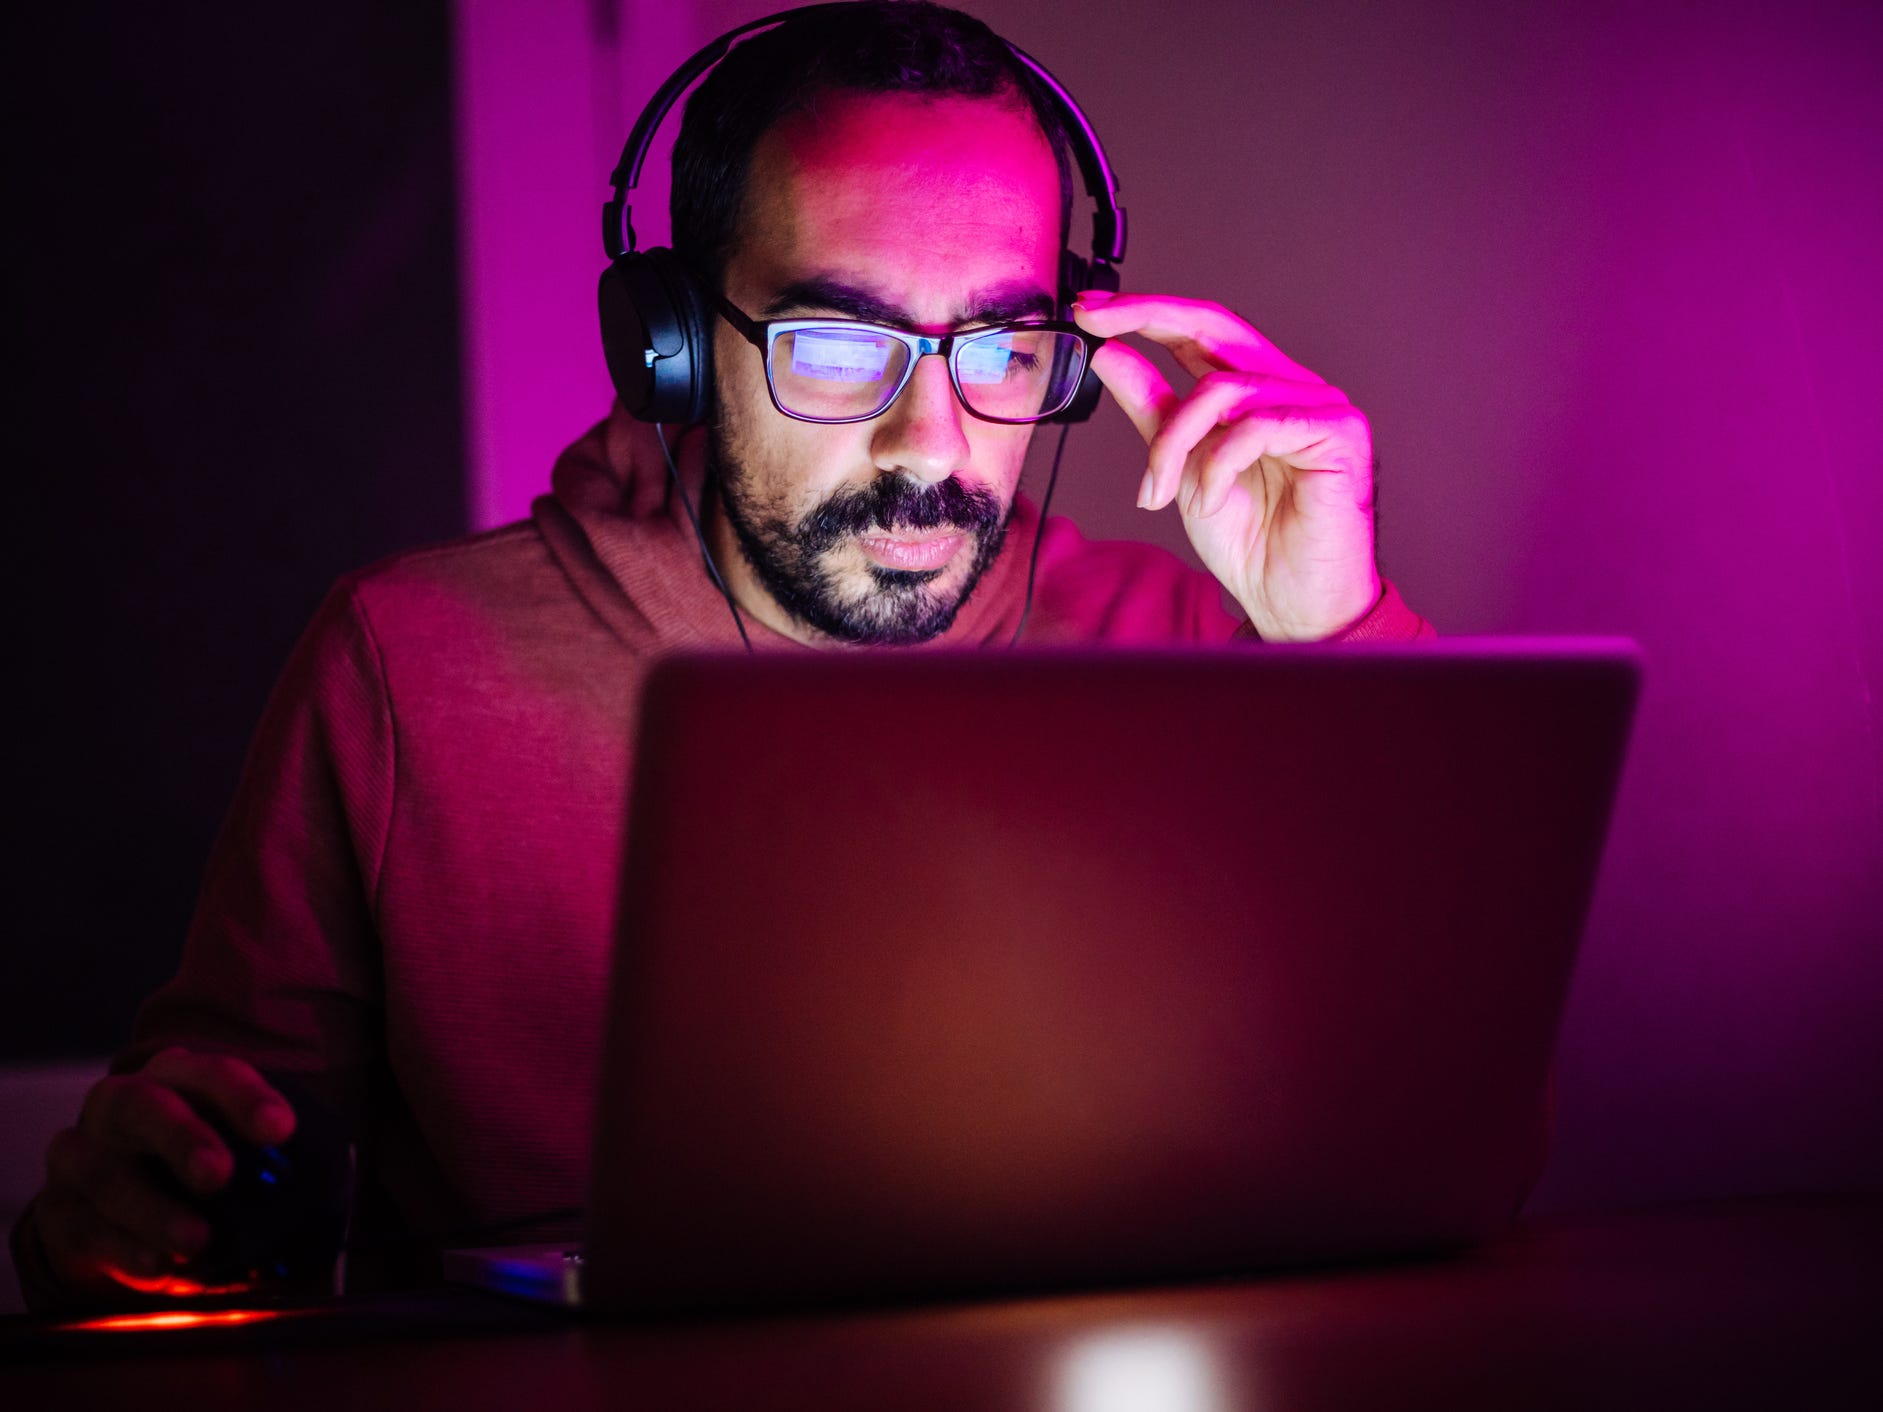 Man working on laptopin dark